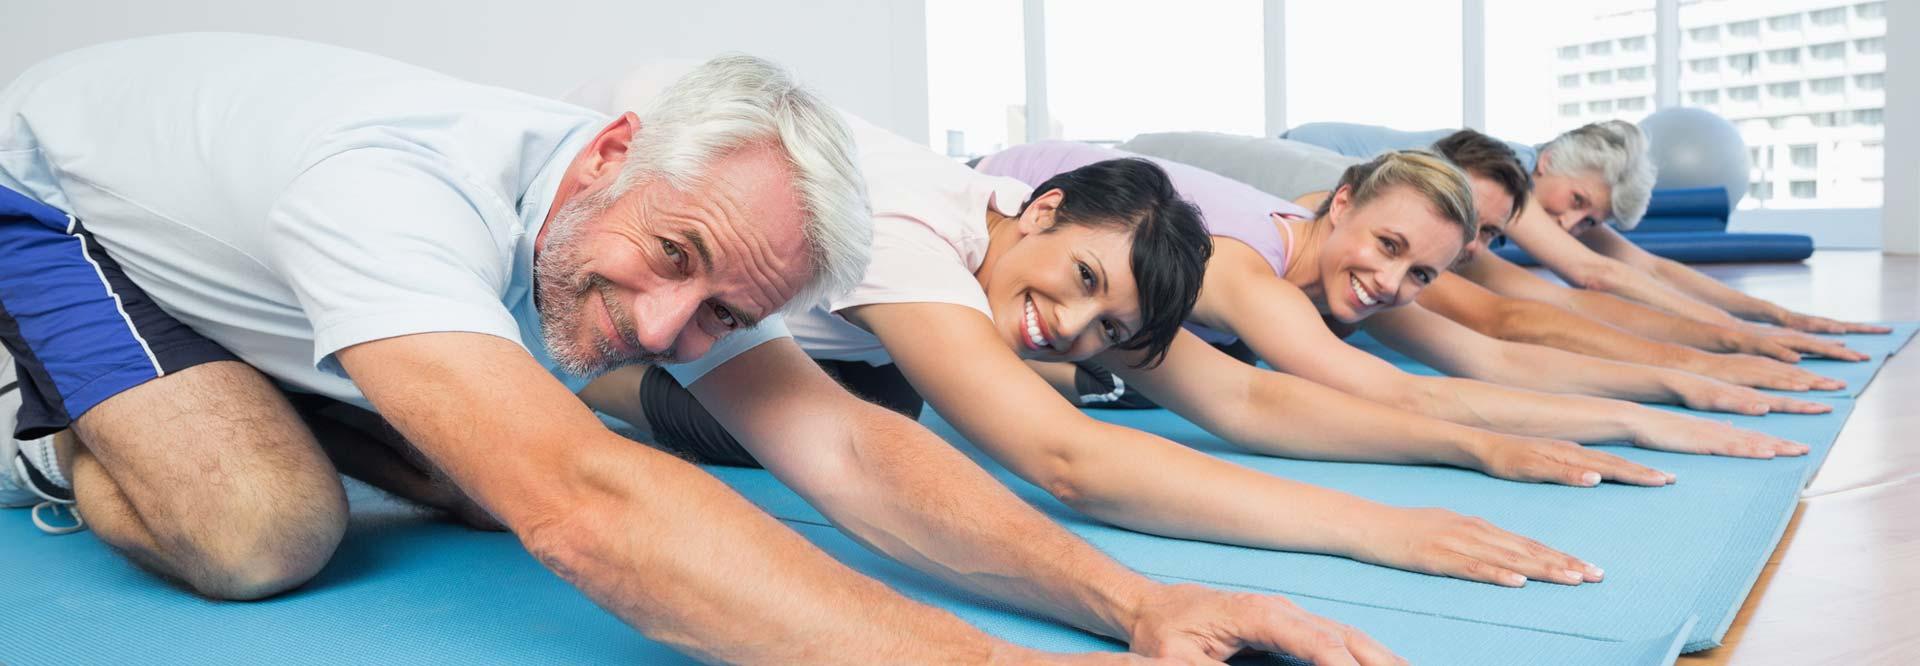 Pilates ideale per ogni età